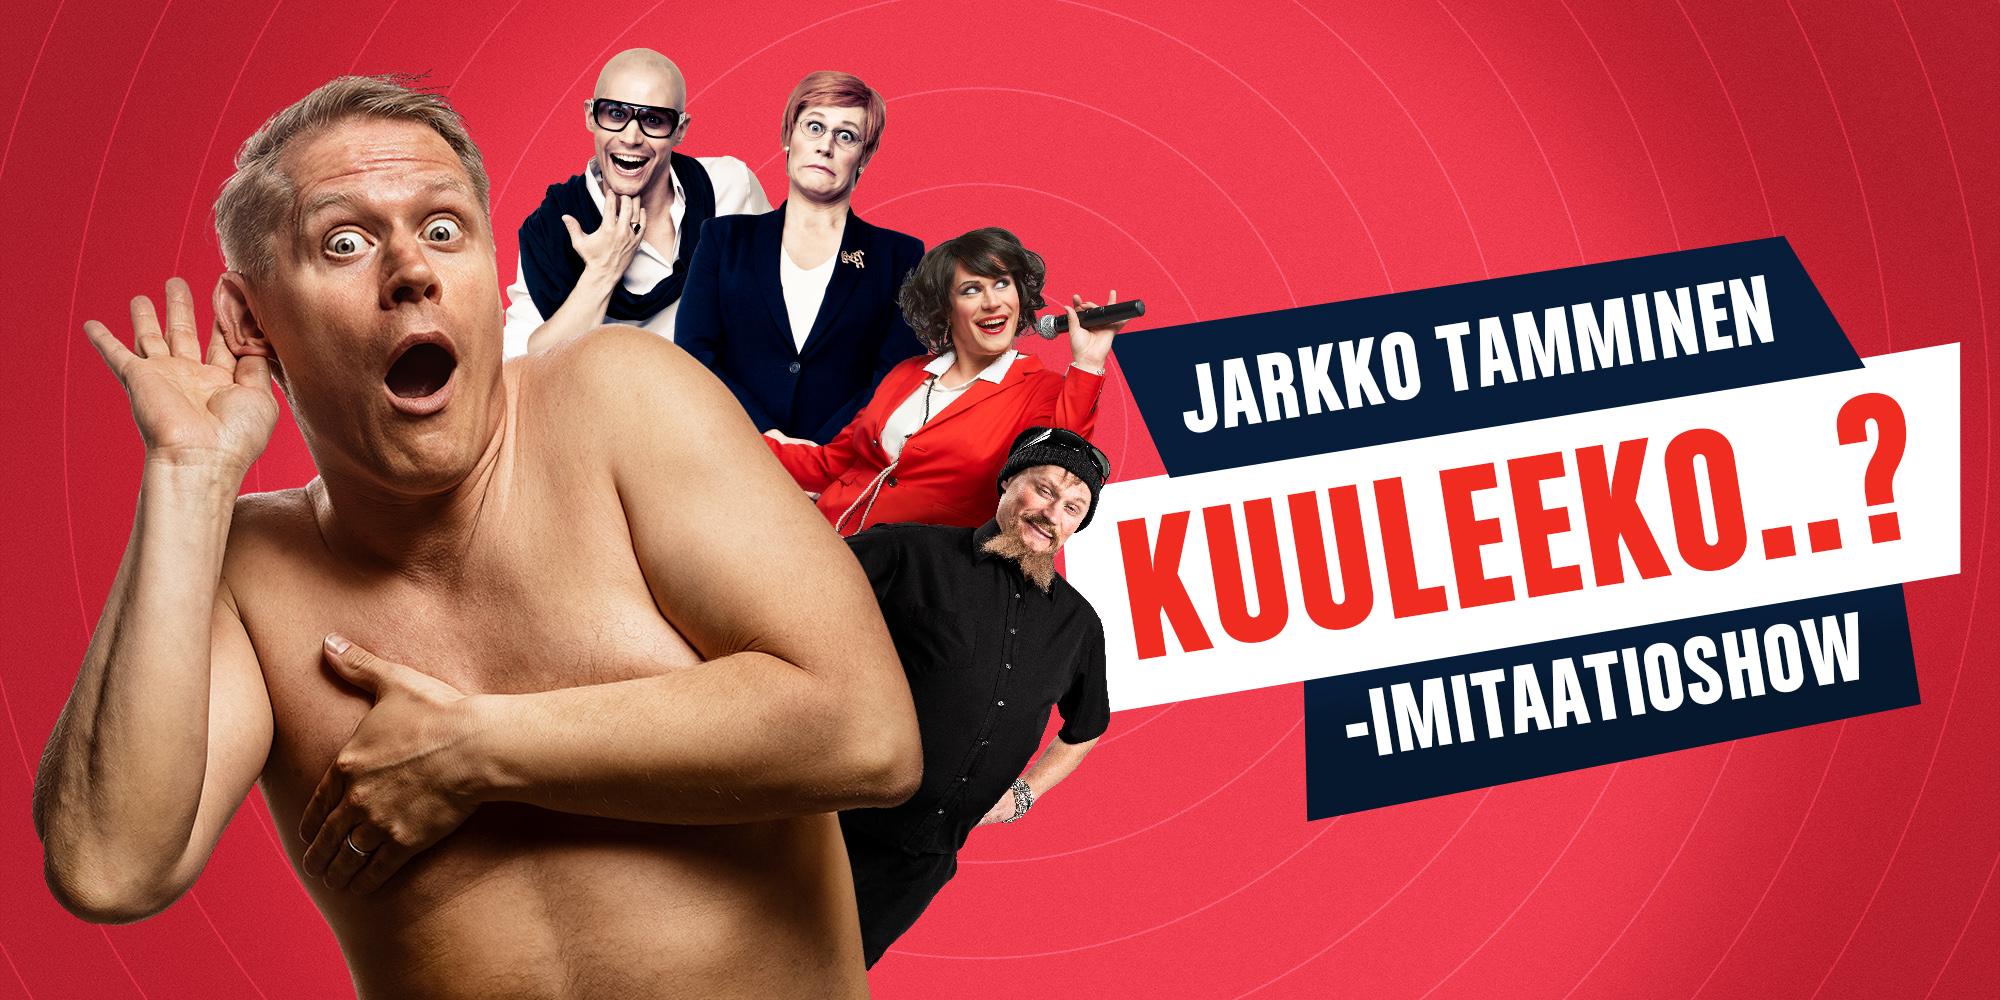 Jarkko Tamminen Kuuleeko..?-tapahtuman mainoskuvassa